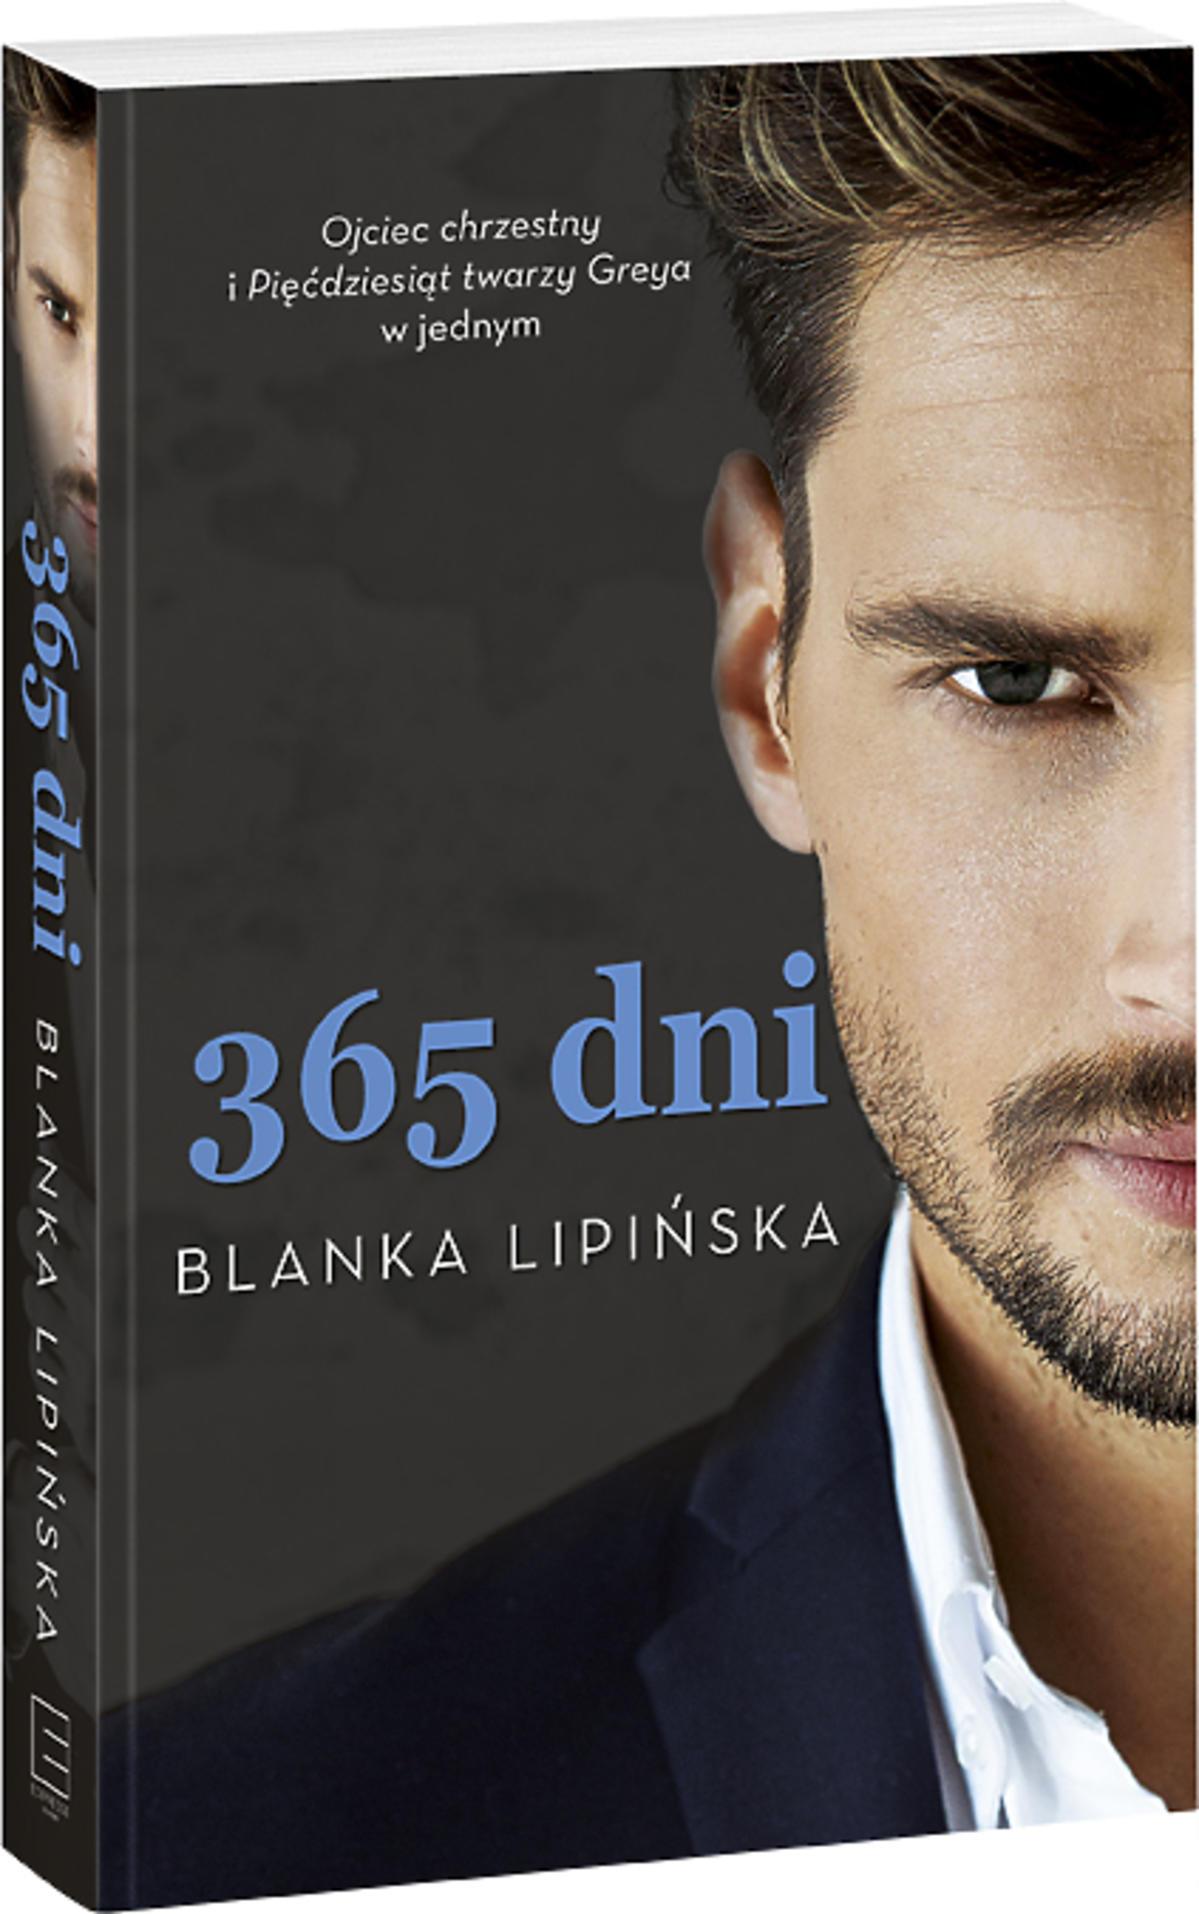 365 dni - książka Blanki Lipińskiej